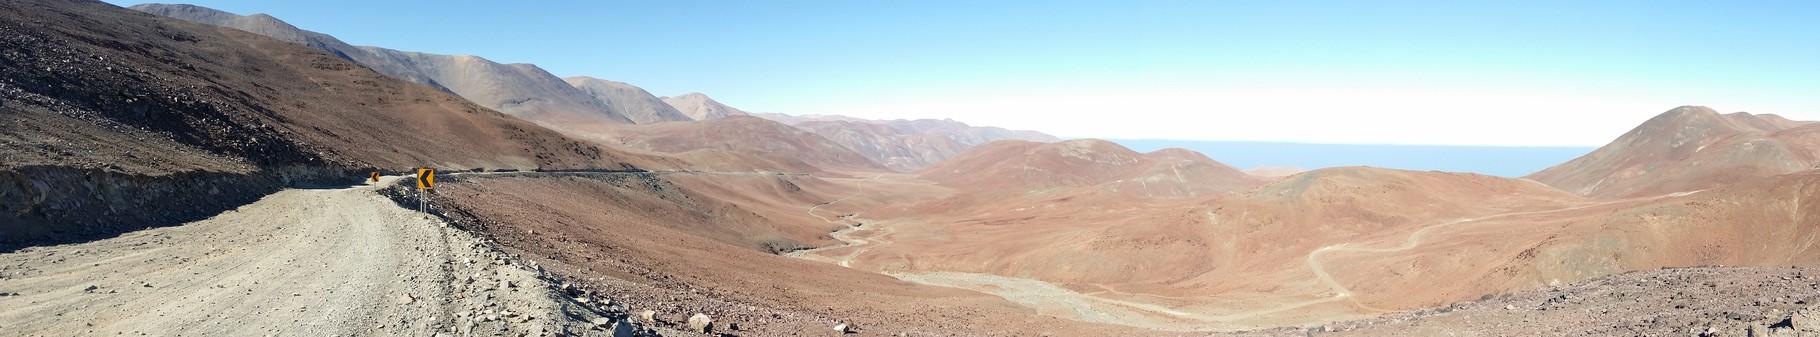 von der Ruta 1 nach Antofagasta über die Hügel